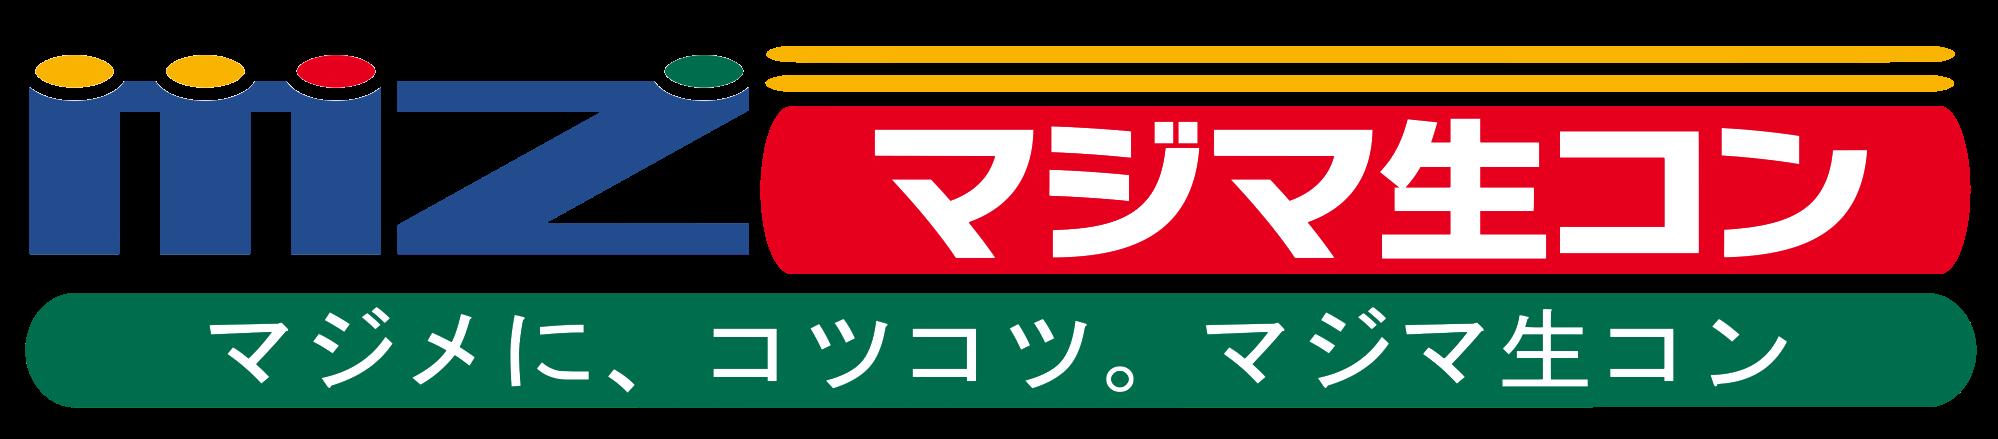 株式会社マジマ生コン